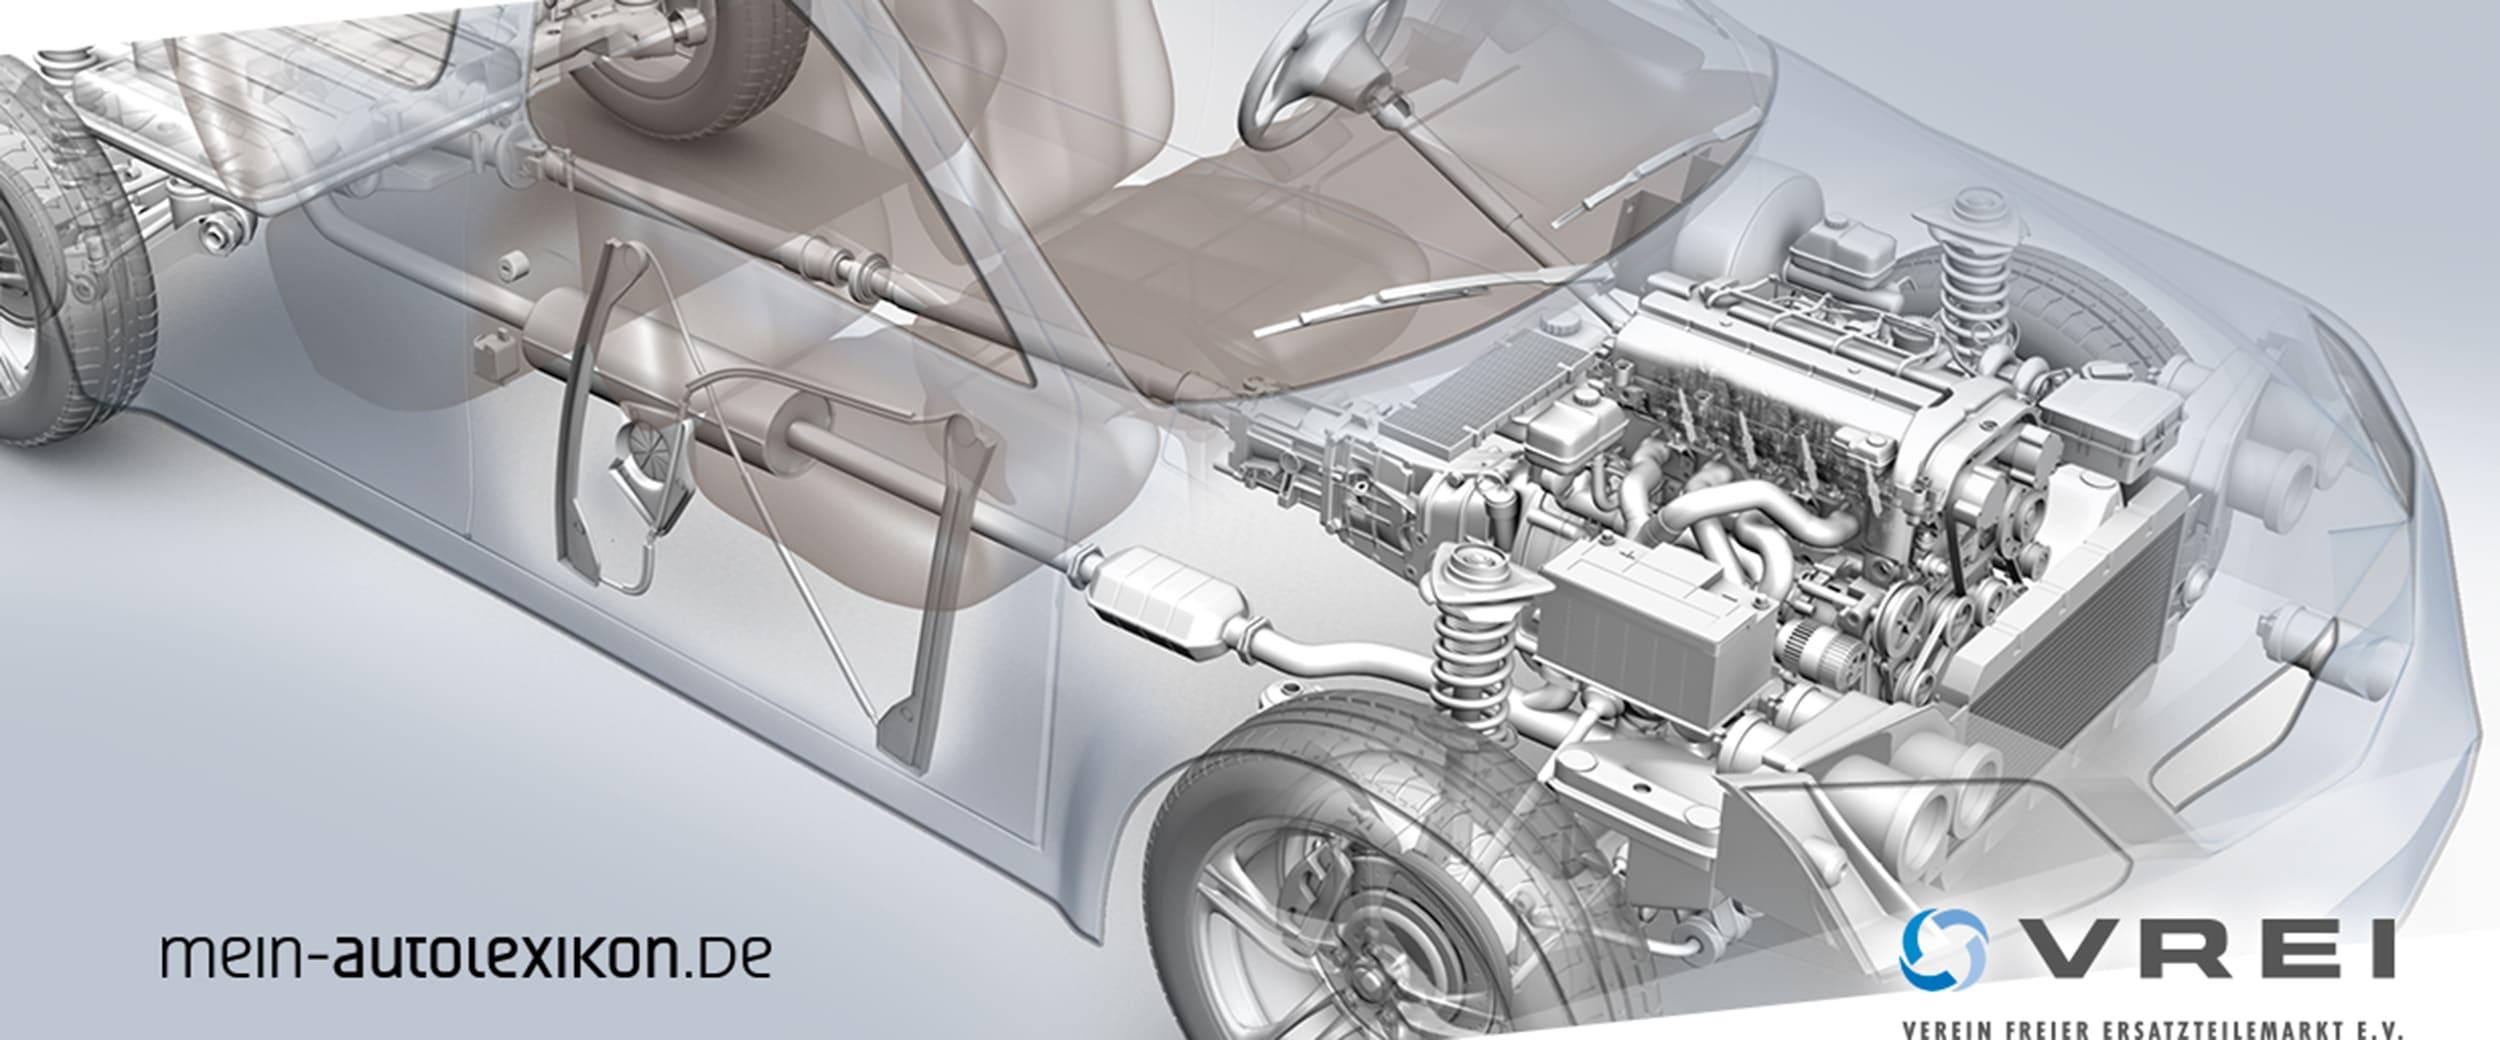 Bild von der Animation eines Autos.